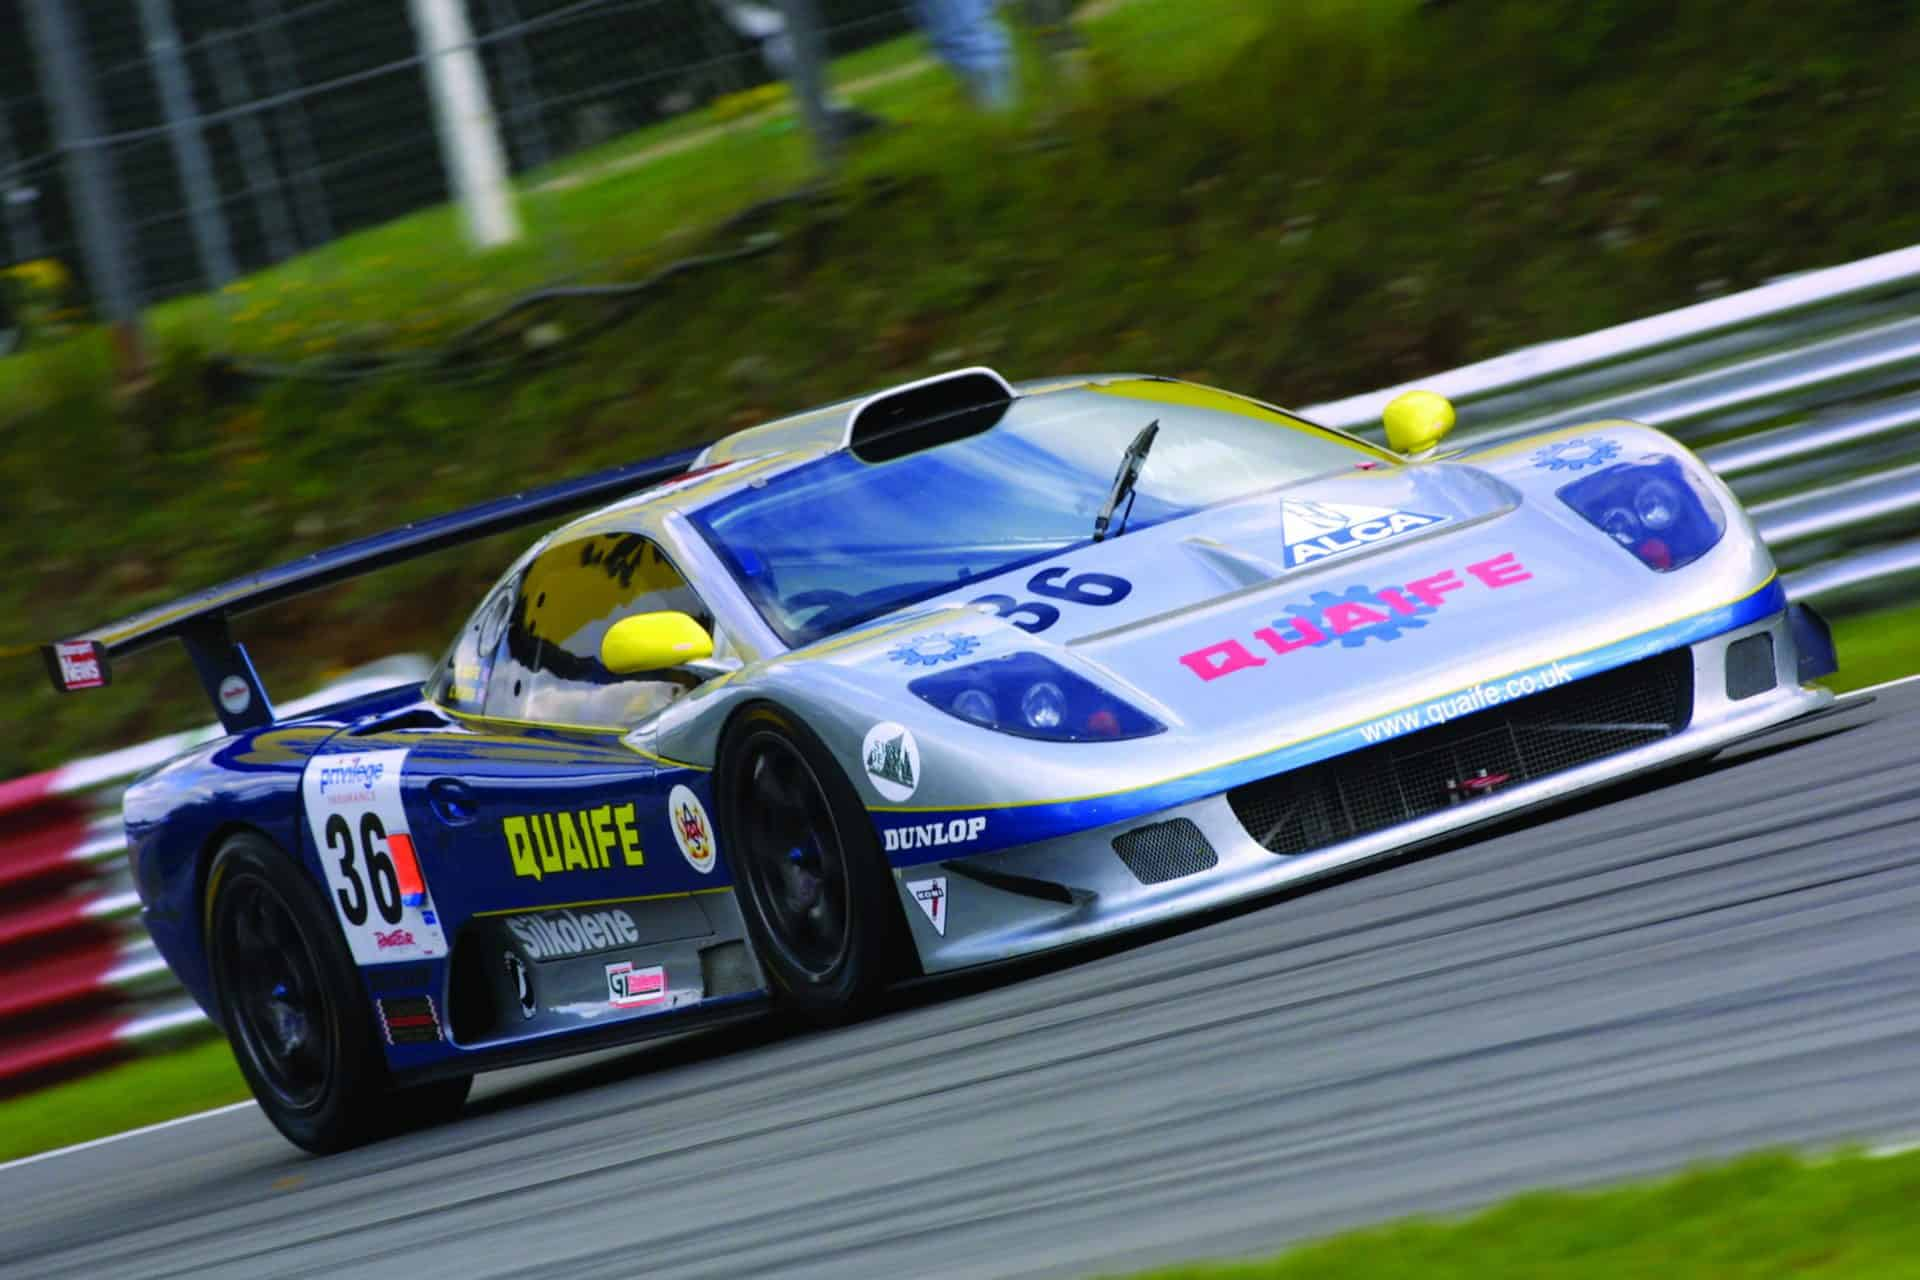 Quaife R4 GTS